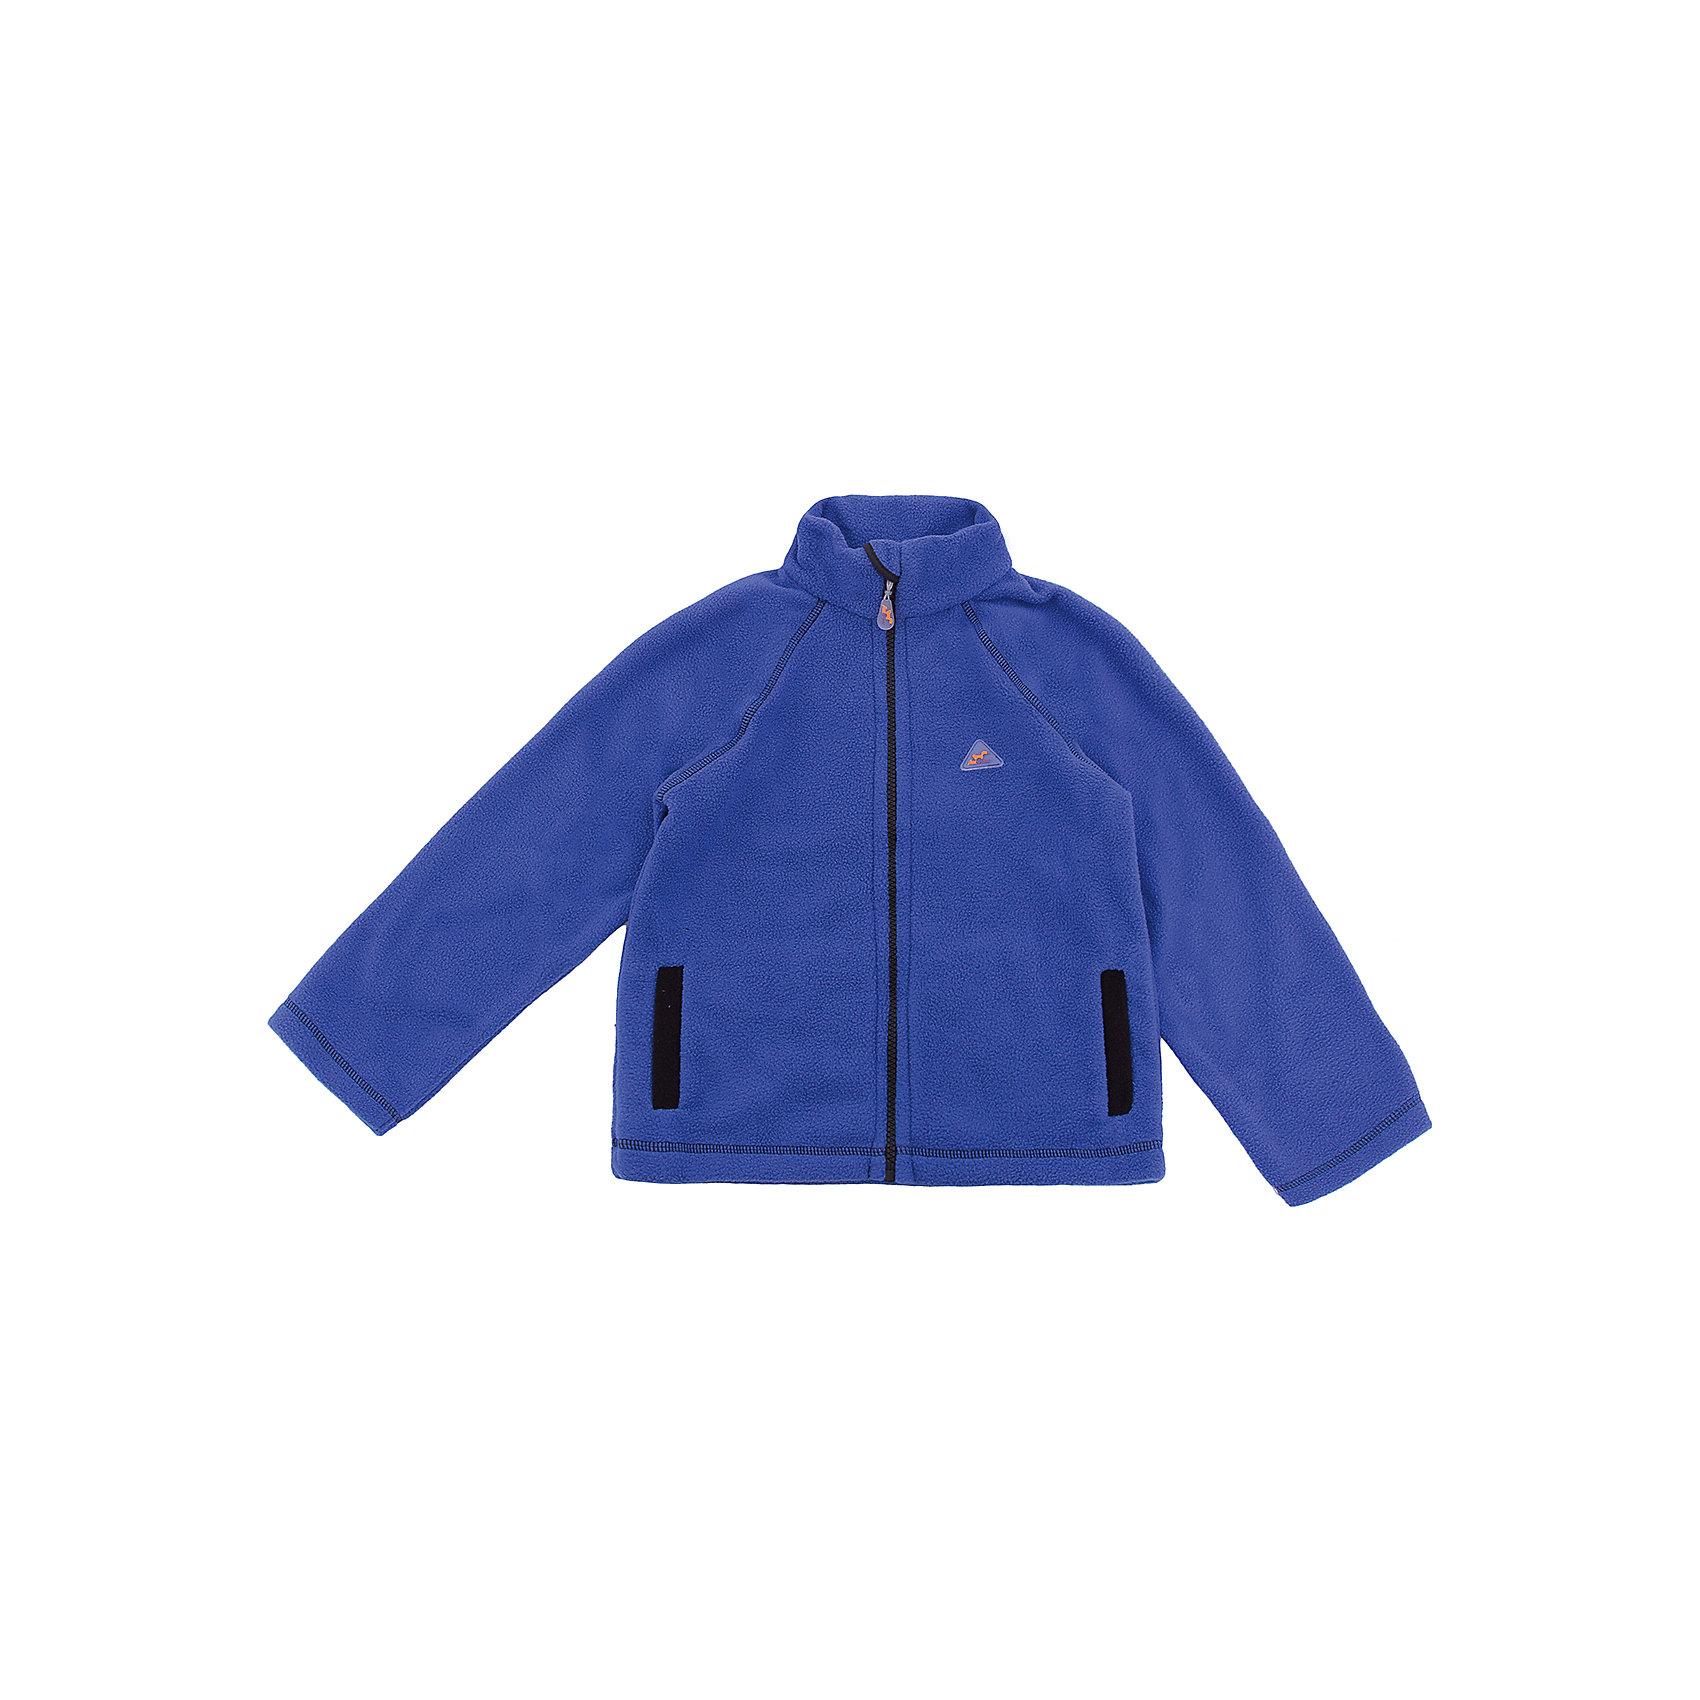 Кофта Радуга ЛисФлис для мальчикаФлис и термобелье<br>Характеристики товара:<br><br>• цвет: синий;<br>• состав: 100% полиэстер, флис;<br>• сезон: зима;<br>• особенности: флисовая;<br>• застежка: молния;<br>• защита подбородка от защемления;<br>• эластичные манжеты на рукавах;<br>• два прорезных кармана;<br>• страна бренда: Россия;<br>• страна производства: Россия.<br><br>Флисовая кофта на молнии. Изделие можно одевать как поддеву (дополнительный утепляющий слой) под мембранную одежду при минусовой температуре. А как самостоятельный элемент одежды (верхний слой) от +10 градусов. Прочная молния комбинезона расстегивается и застегивается одним движением руки. Флисовая кофта однотонного синего цвета.<br><br>Кофту Радуга ЛисФлис можно купить в нашем интернет-магазине.<br><br>Ширина мм: 190<br>Глубина мм: 74<br>Высота мм: 229<br>Вес г: 236<br>Цвет: синий<br>Возраст от месяцев: 24<br>Возраст до месяцев: 36<br>Пол: Мужской<br>Возраст: Детский<br>Размер: 98,80,146,140,134,128,122,116,110,104,92,86<br>SKU: 7050812